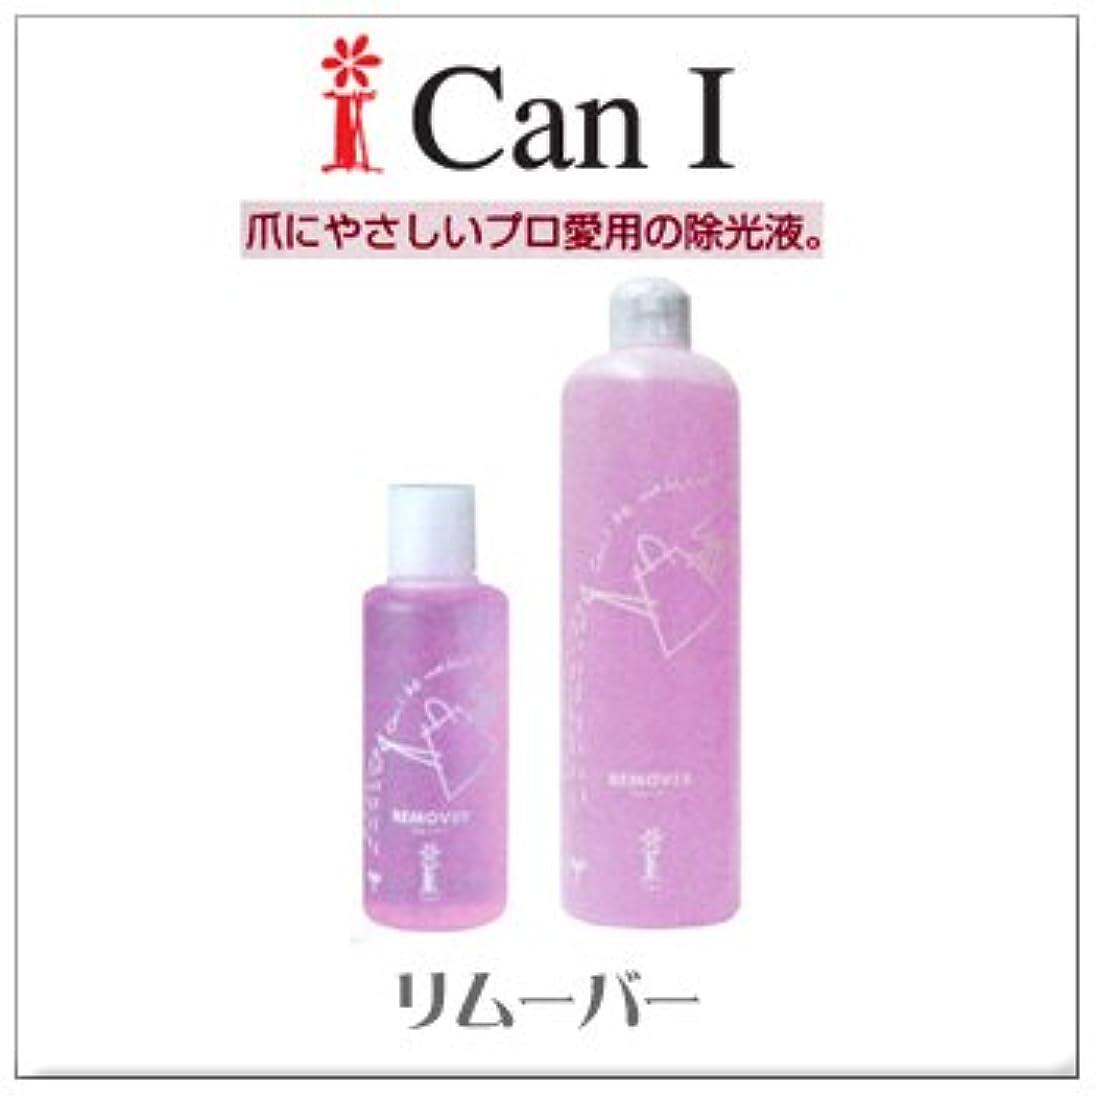 有料高度サーキットに行くCanI (キャンアイ) リムーバー be native 500ml